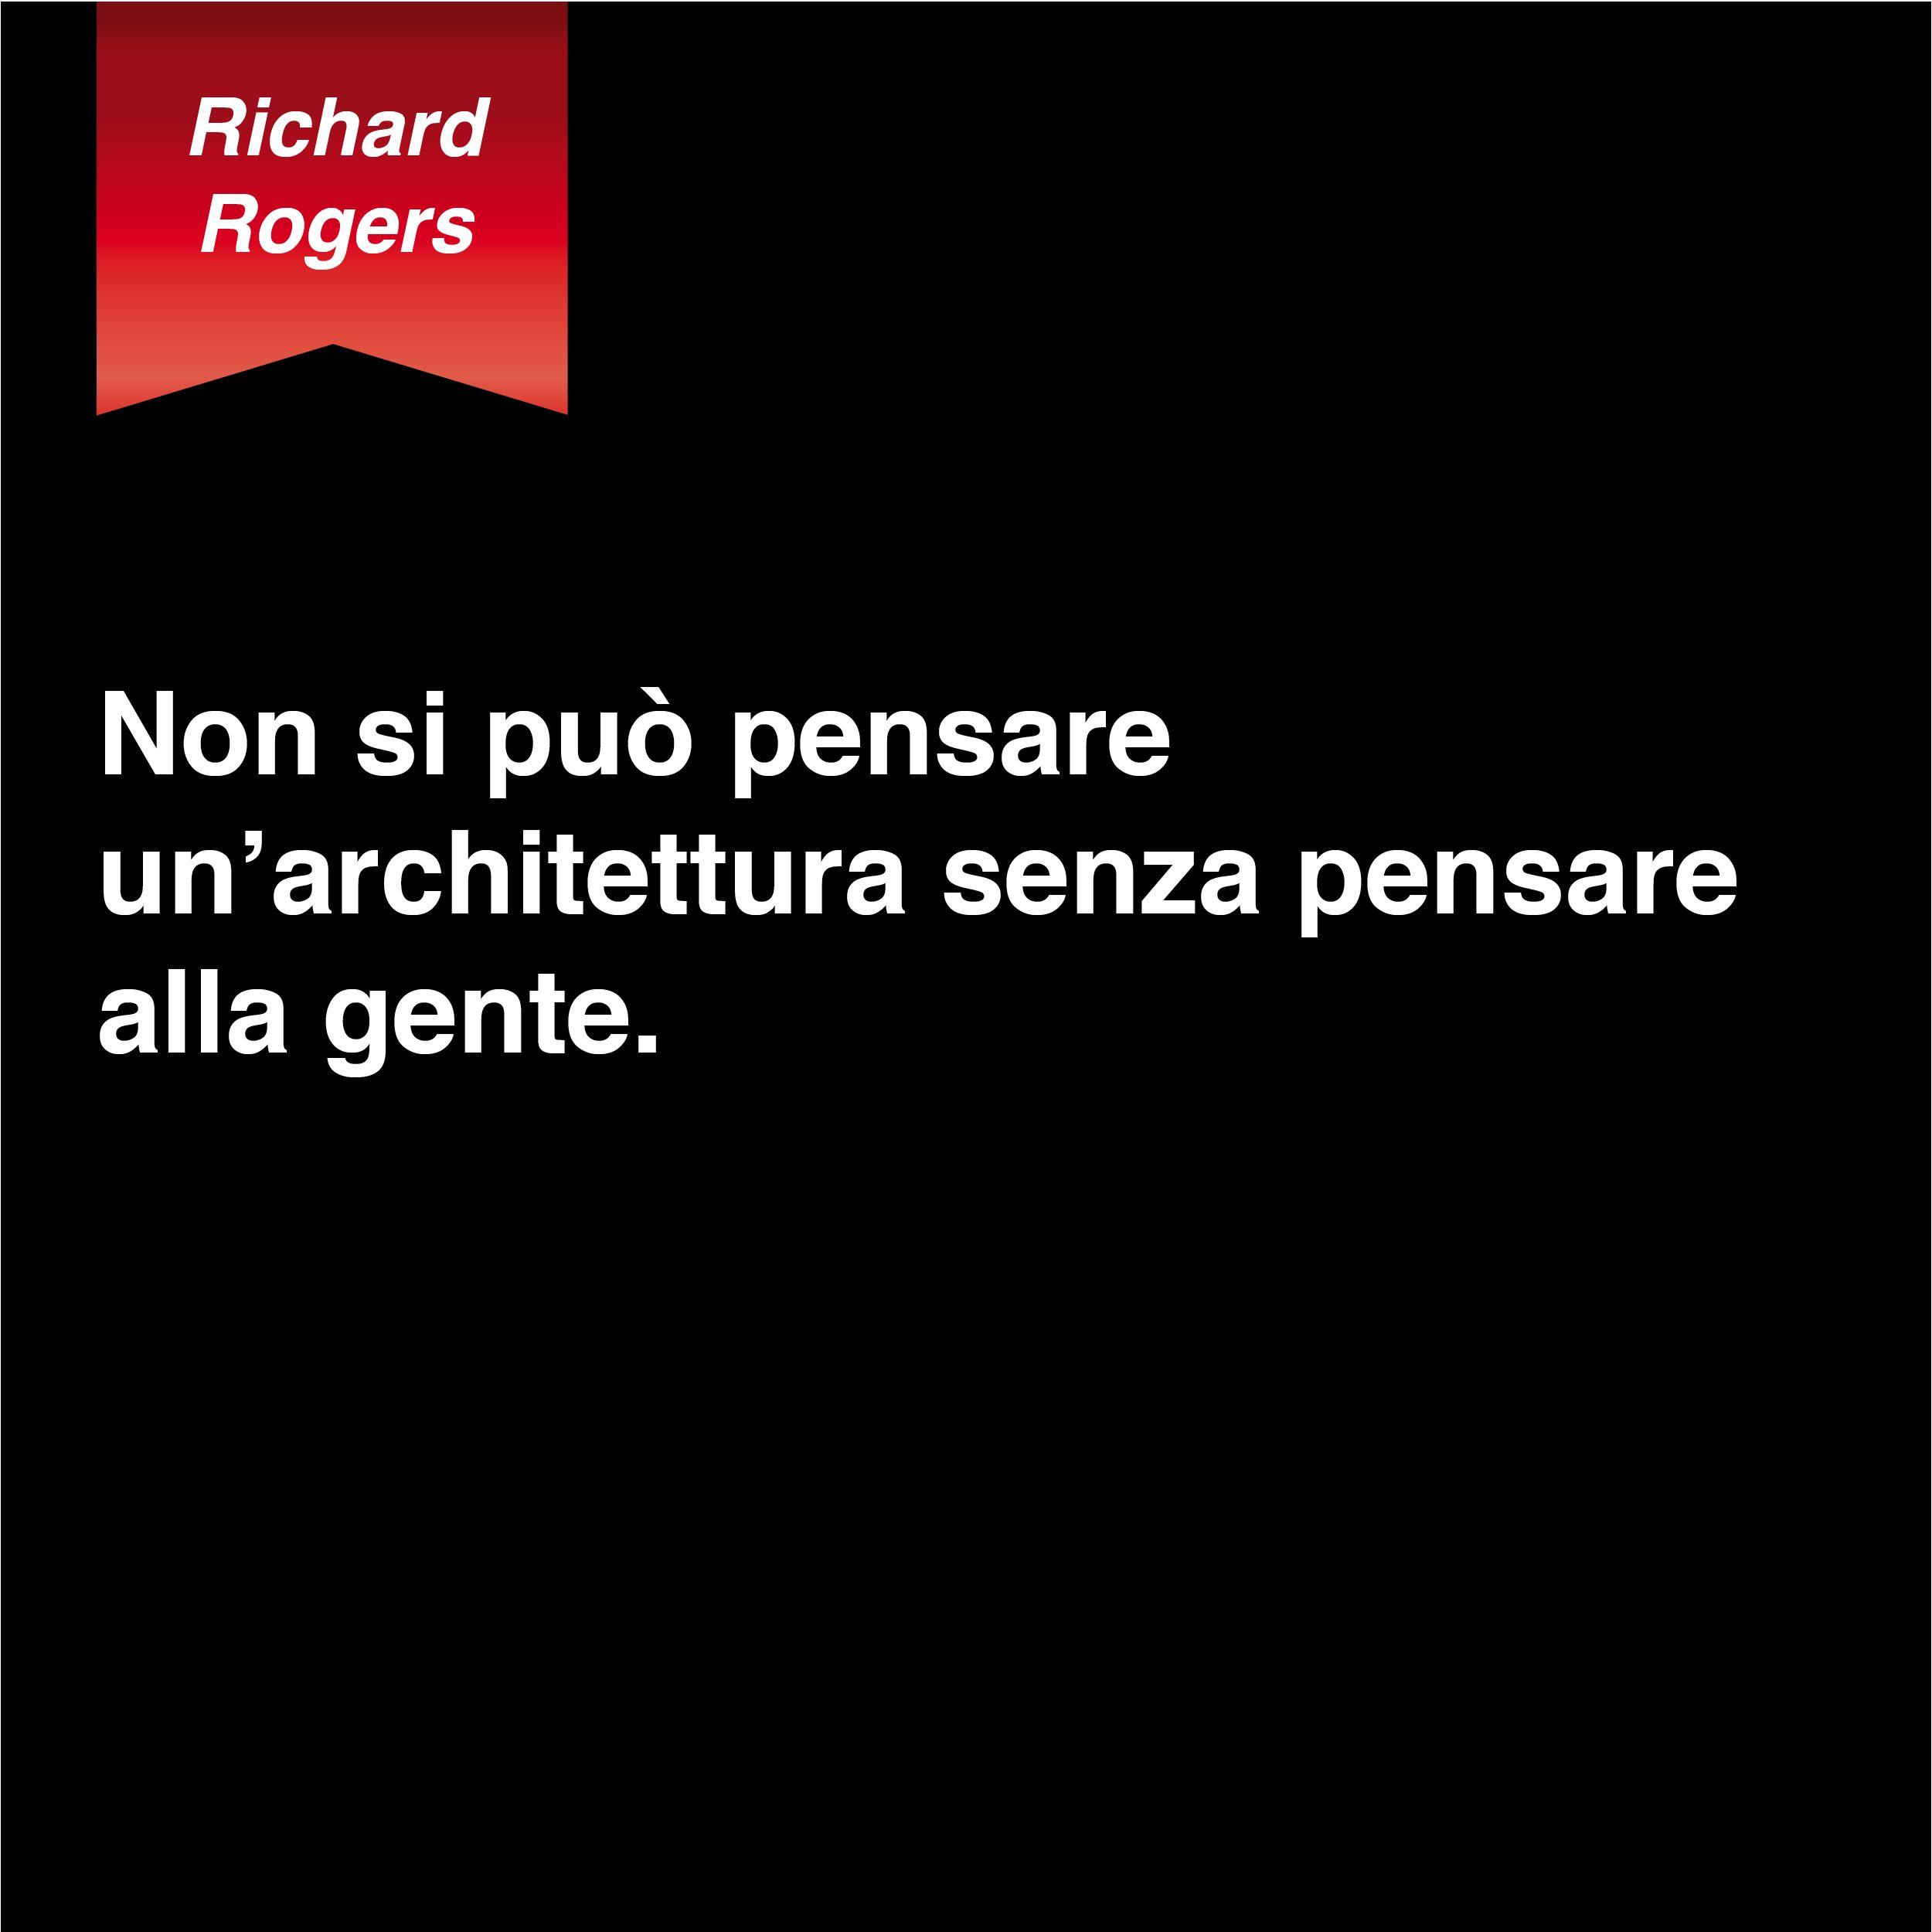 Richard Rogers Citazioni Architetto Citazioni Architetti